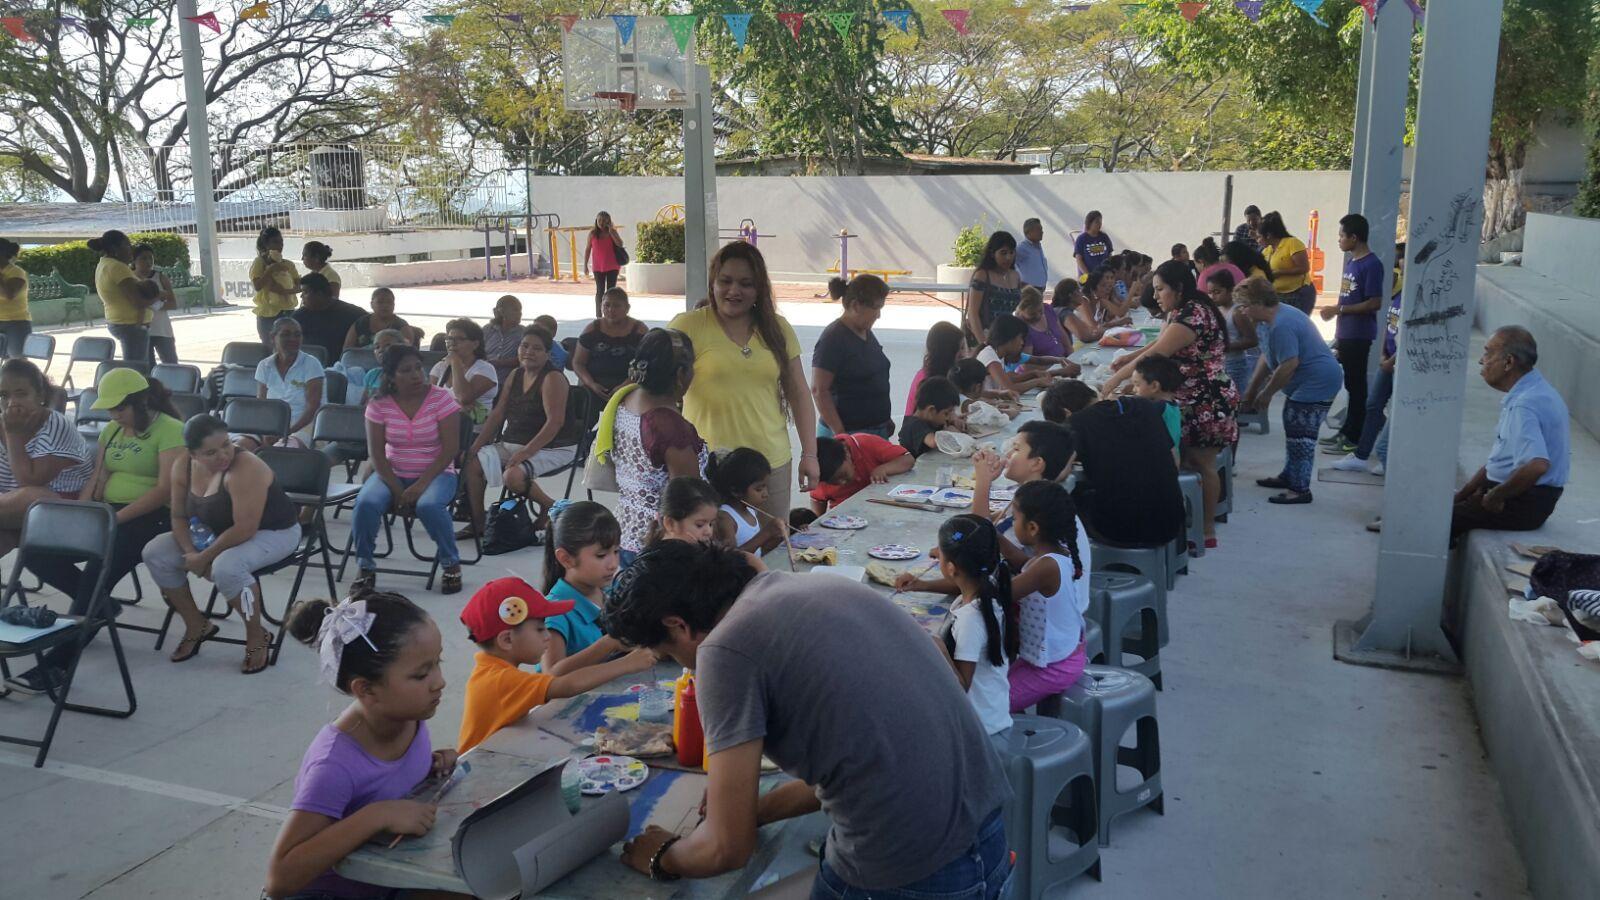 Acapulco hoy sabados culturales en la jard n se siembra for Jardin 7 17 acapulco